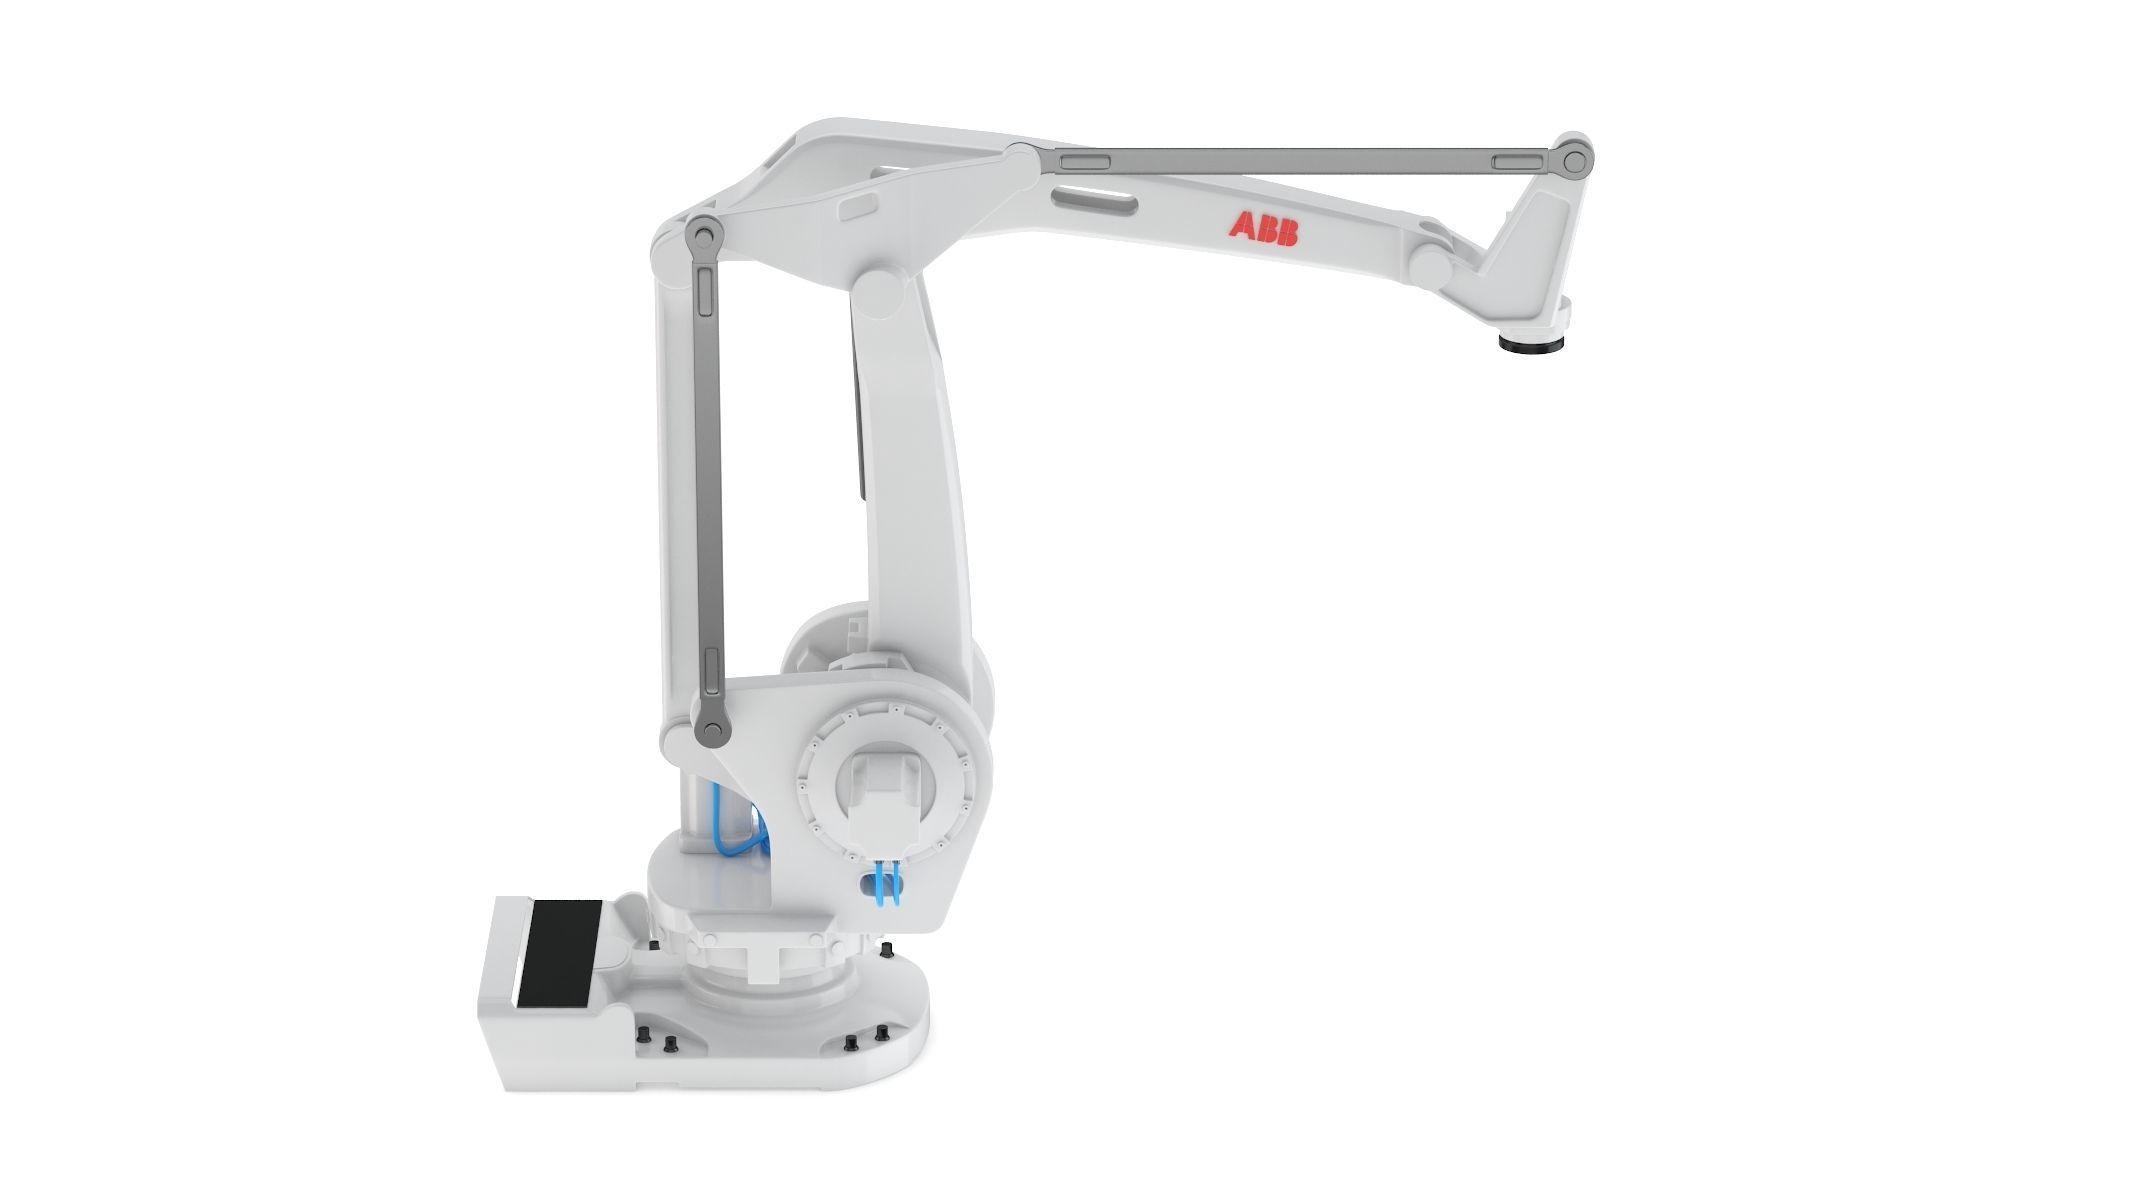 ABB IRB 660